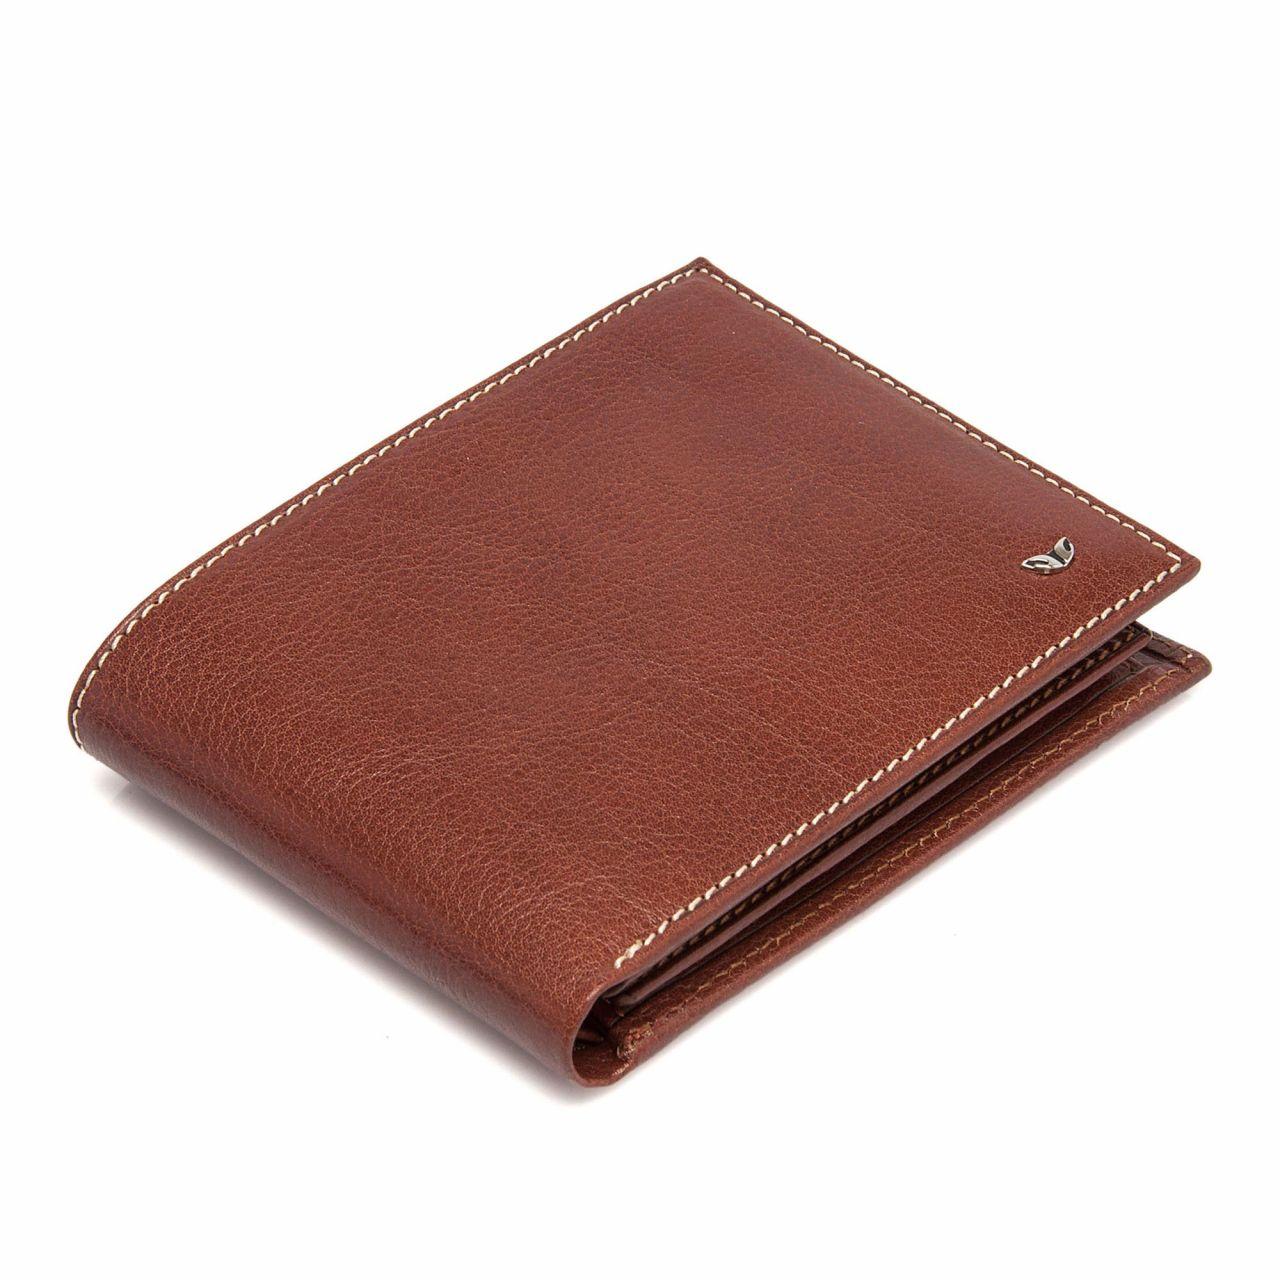 Стилен мъжки портфейл от естествена кожа